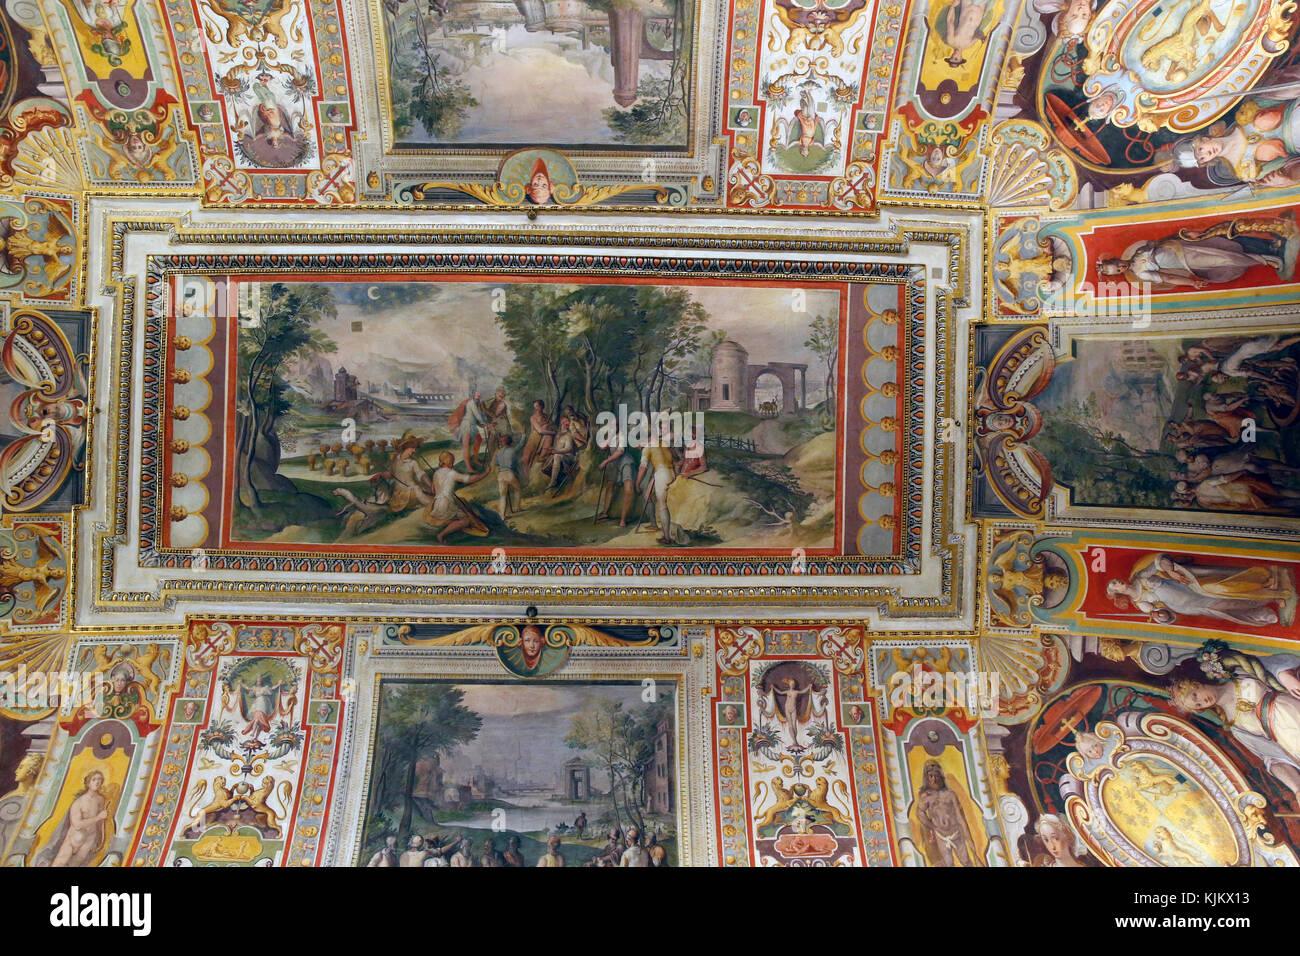 Galleria Barberini di Roma. Il soffitto. L'Italia. Immagini Stock